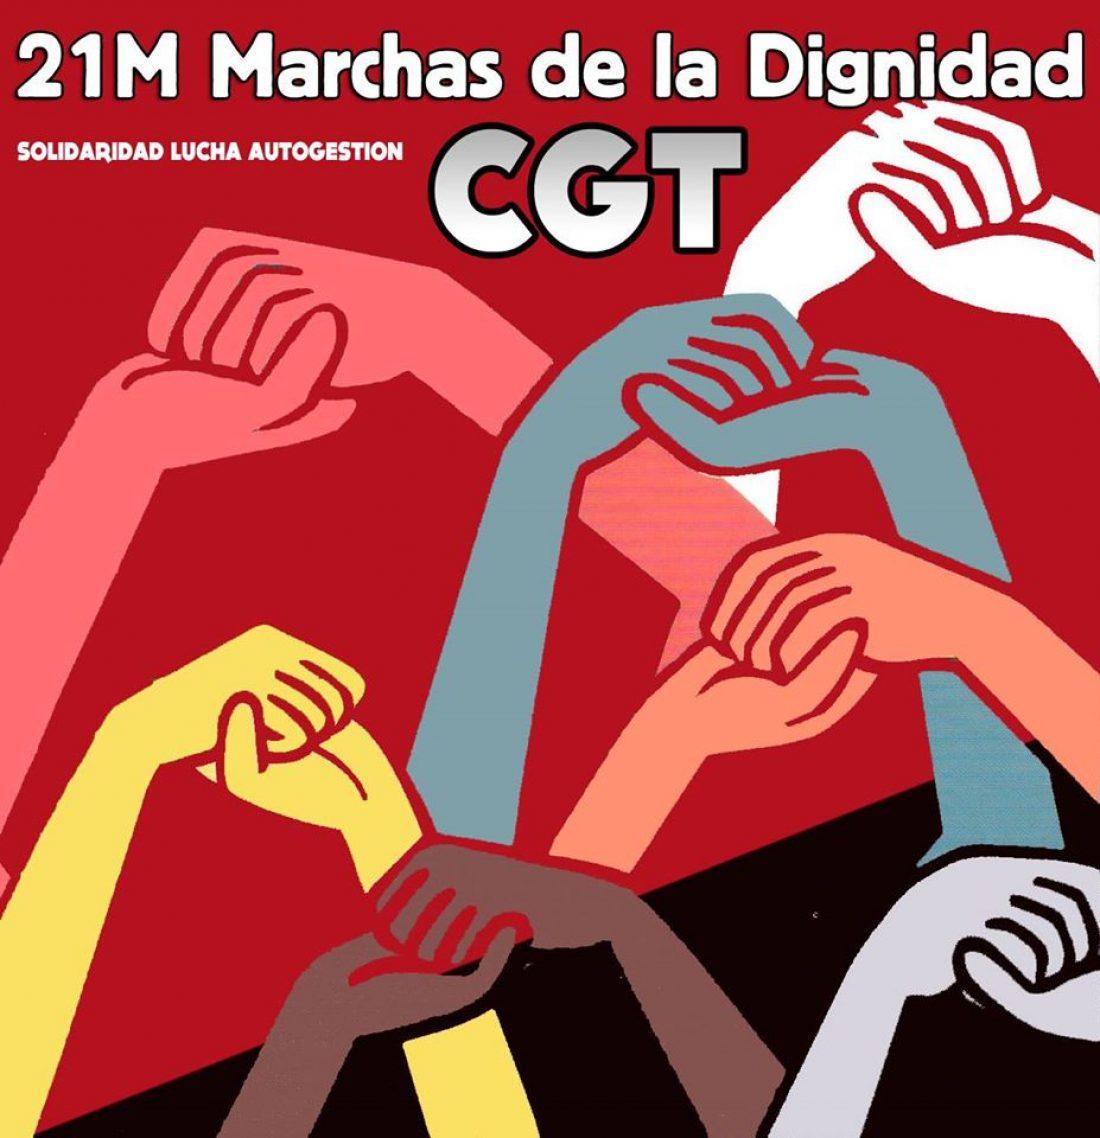 Las Marchas por la Dignidad estarán de regreso en Madrid el 21 de marzo para exigir Pan, Trabajo, Vivienda y Dignidad